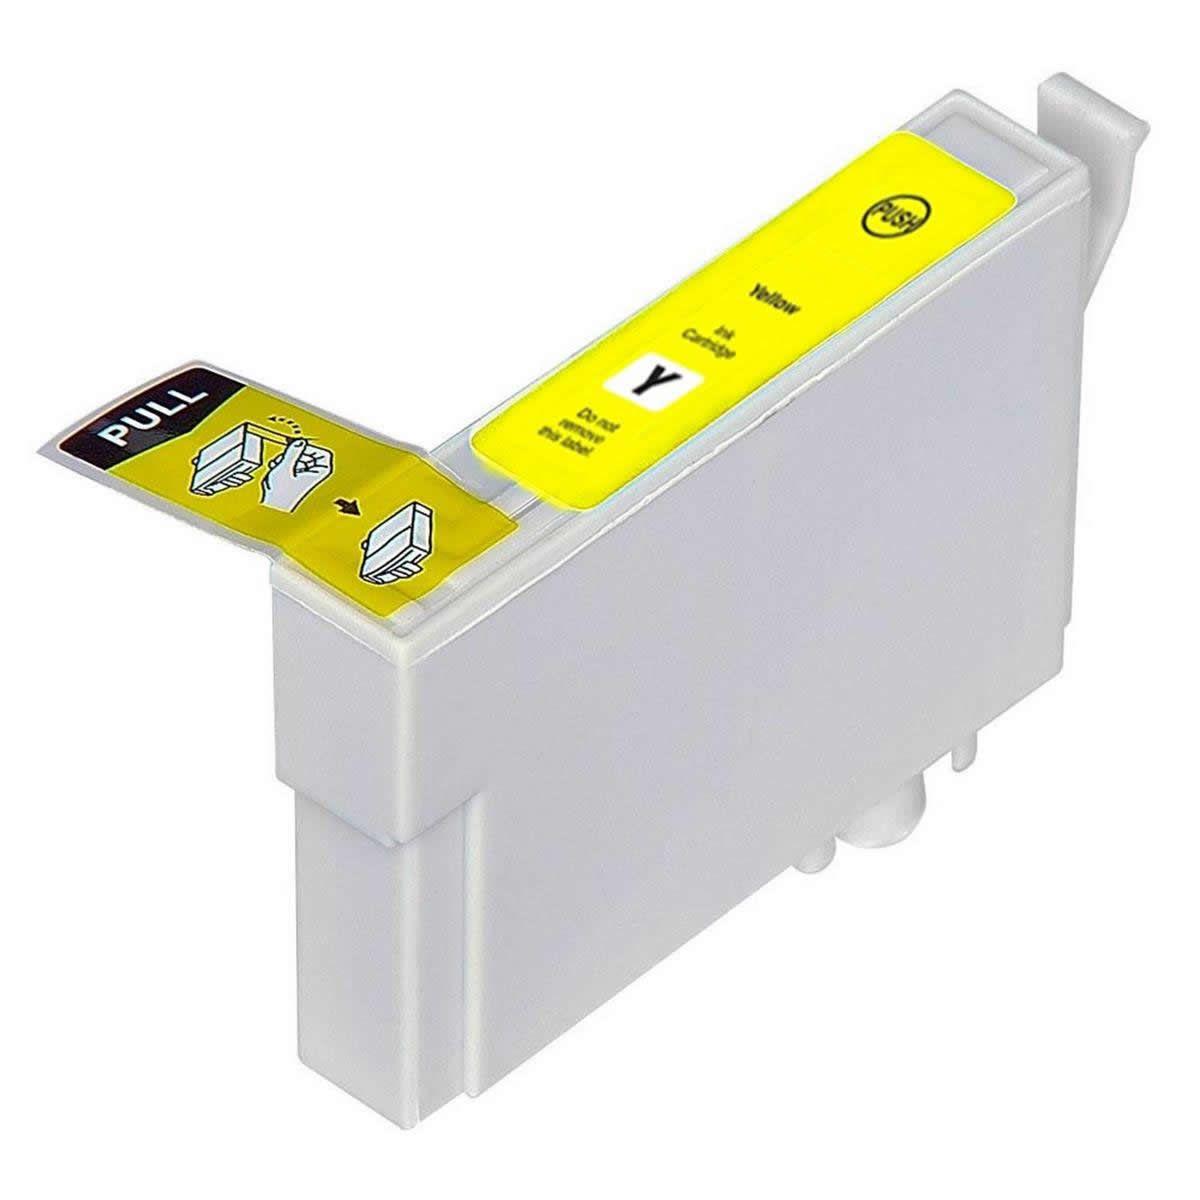 Cartucho MJ Compatível TO484 Amarelo para R200 R220 R300 R320 R340